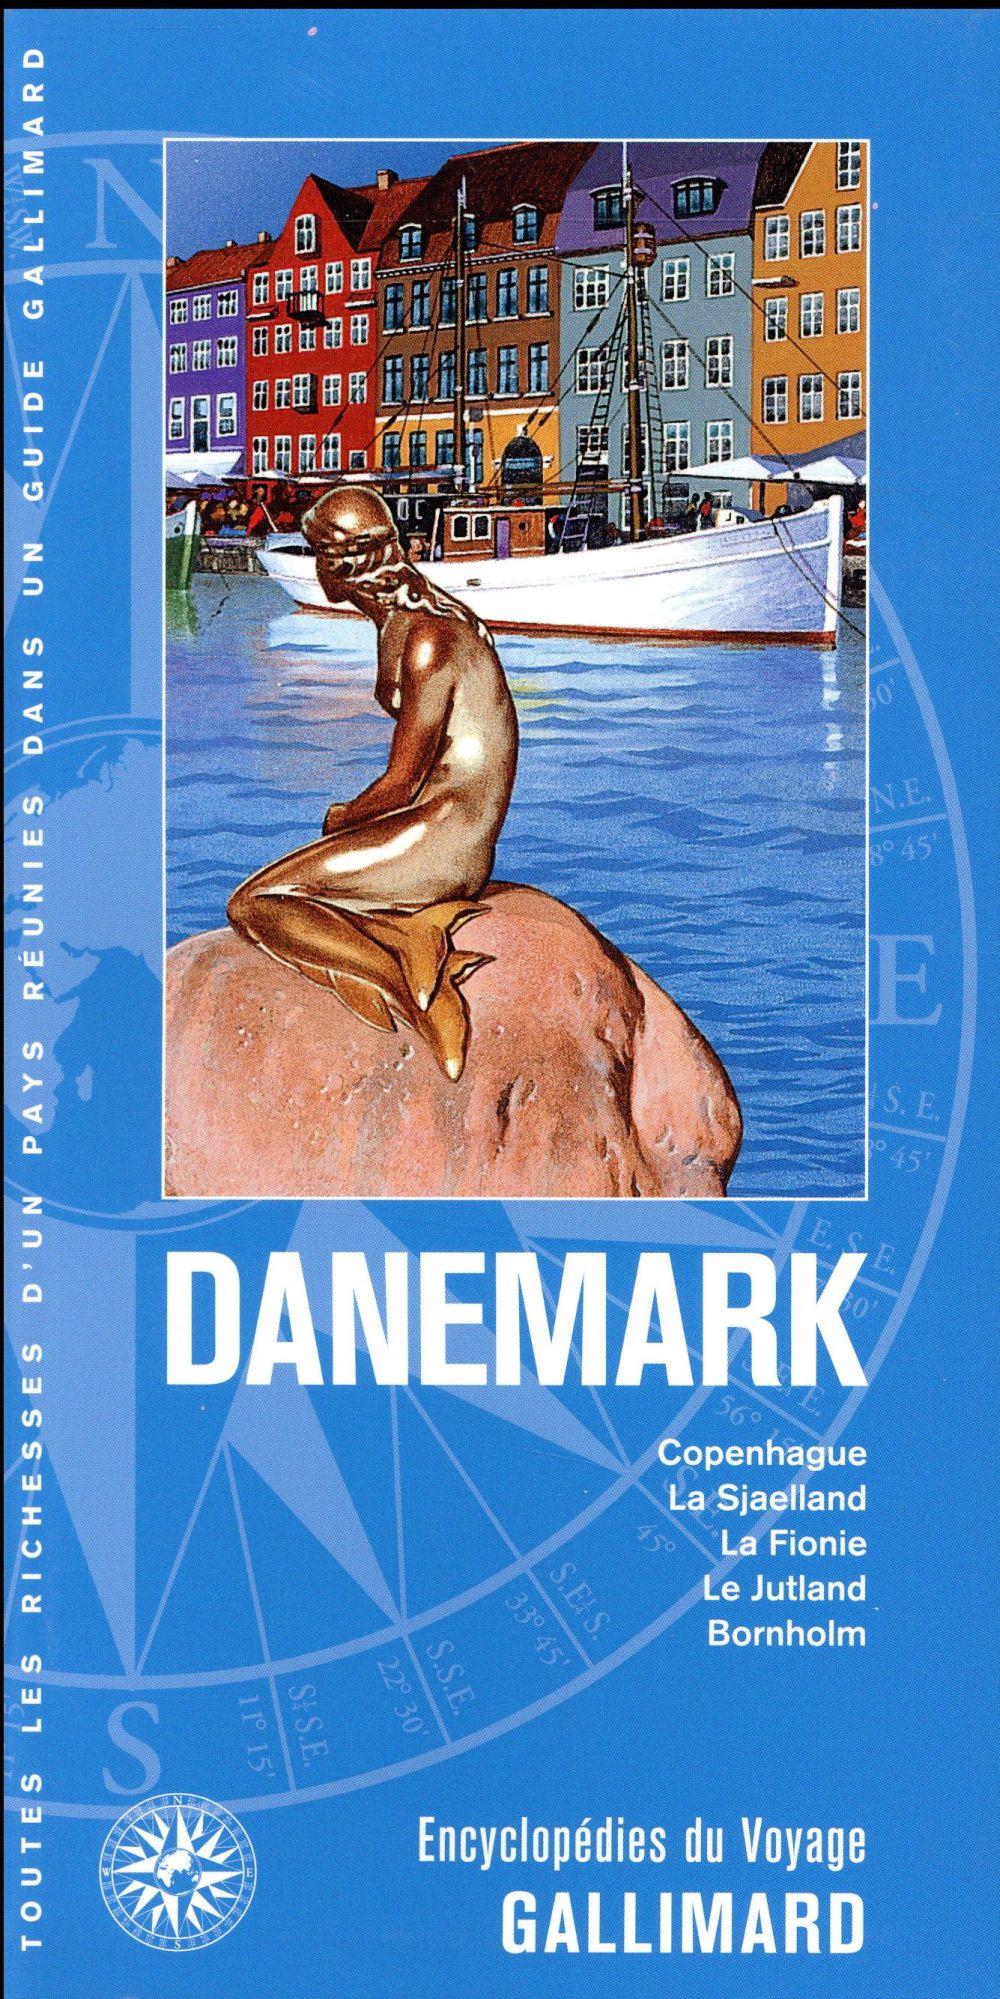 DANEMARK - COPENHAGUE, LA SJAELLAND, LA FIONIE, LE JUTLAND, BORNHOLM